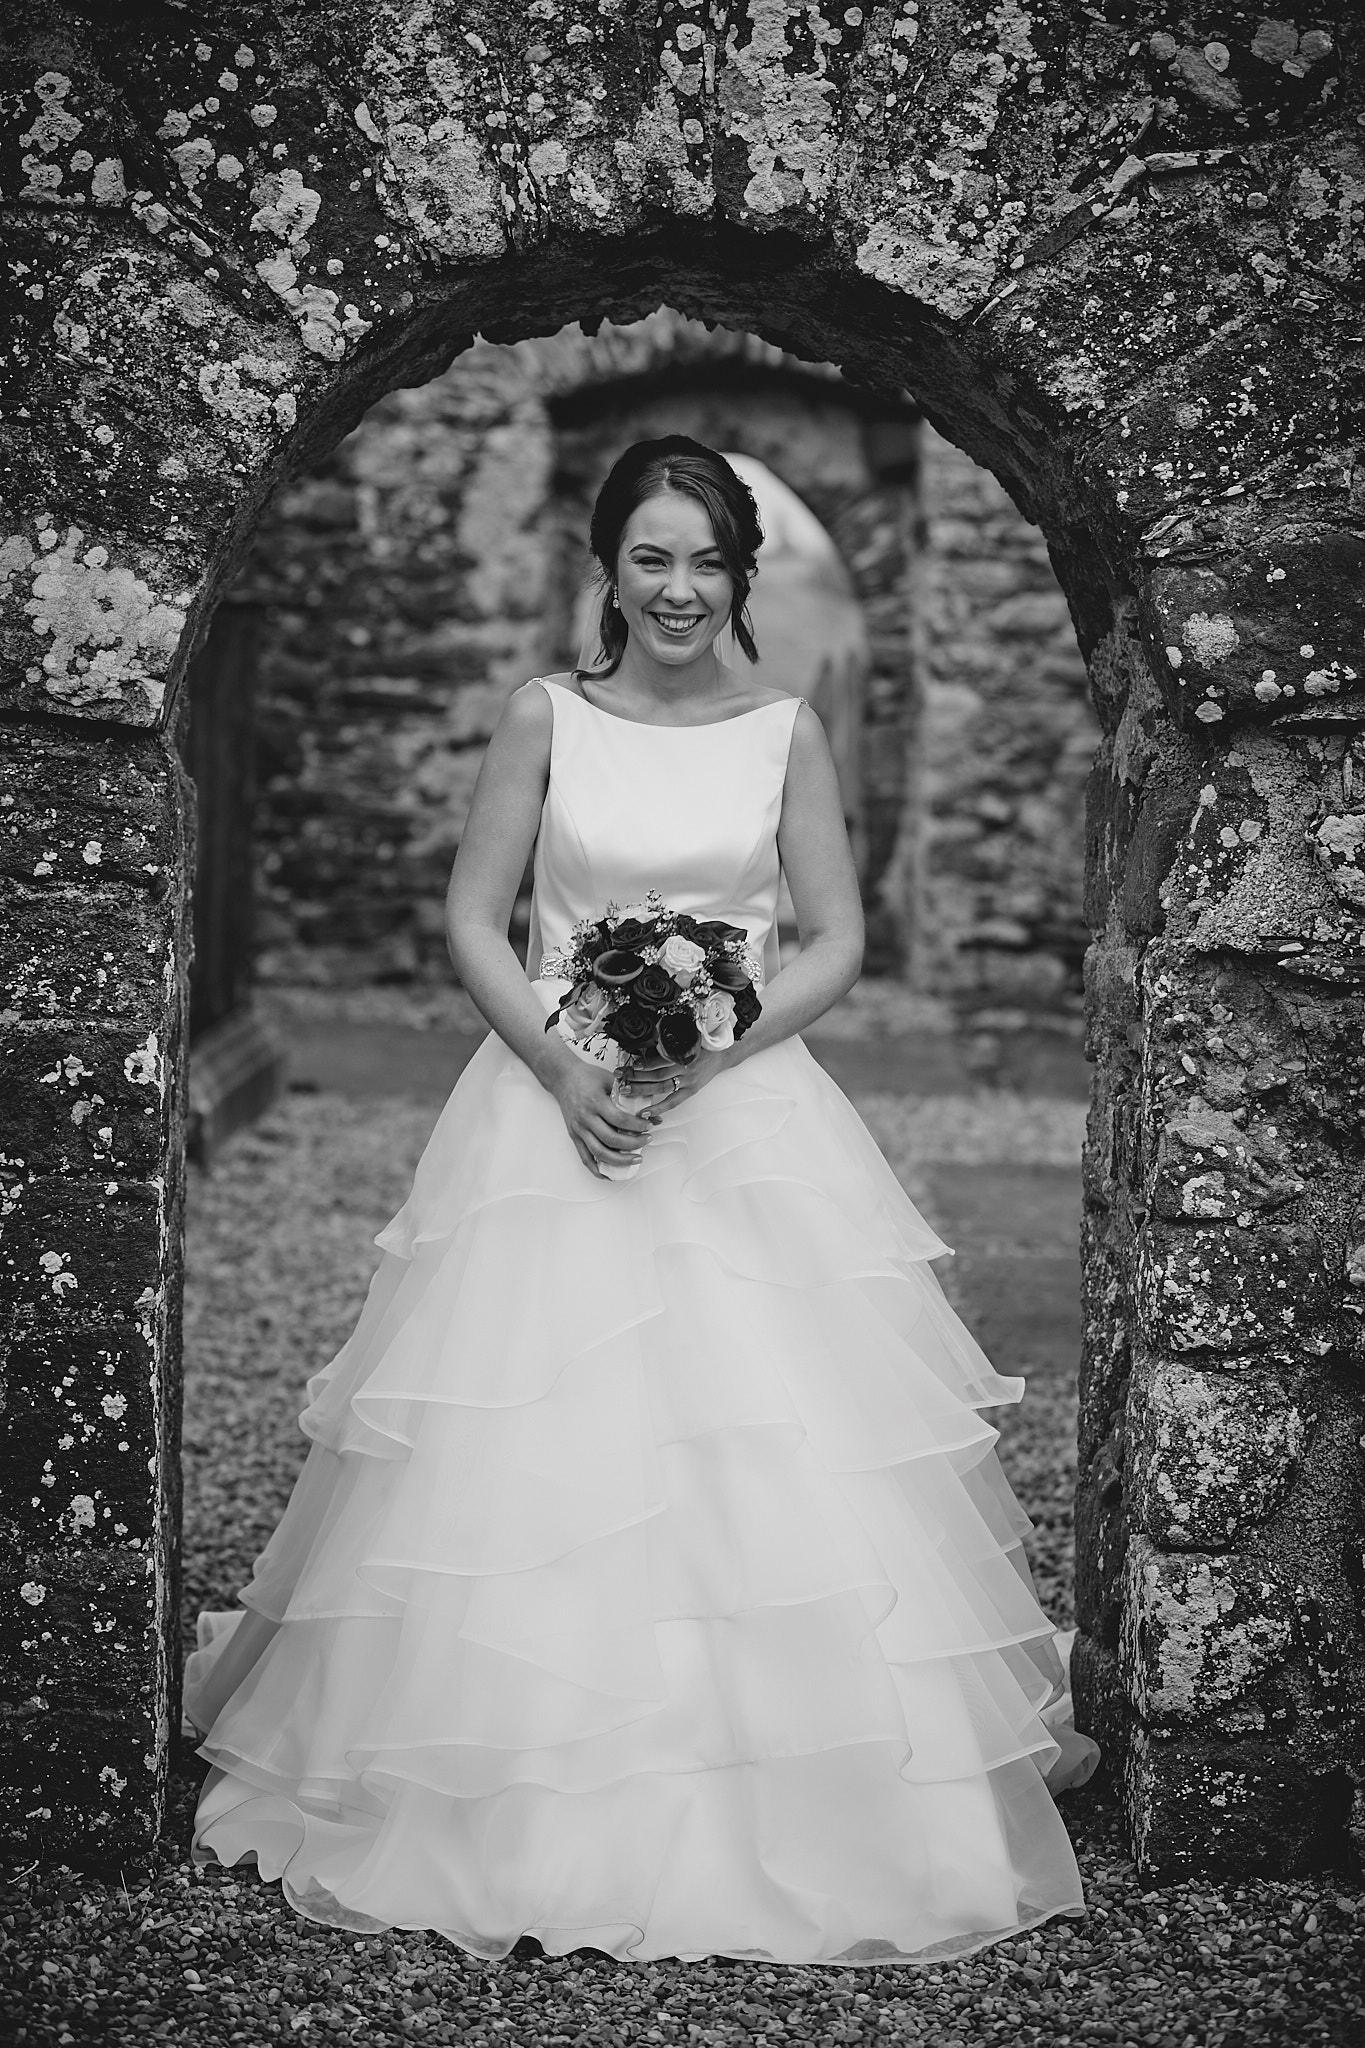 bruidsfotografie-bruifdsfotograaf-ierland-dublin-destination-trouwshoot_49.jpg